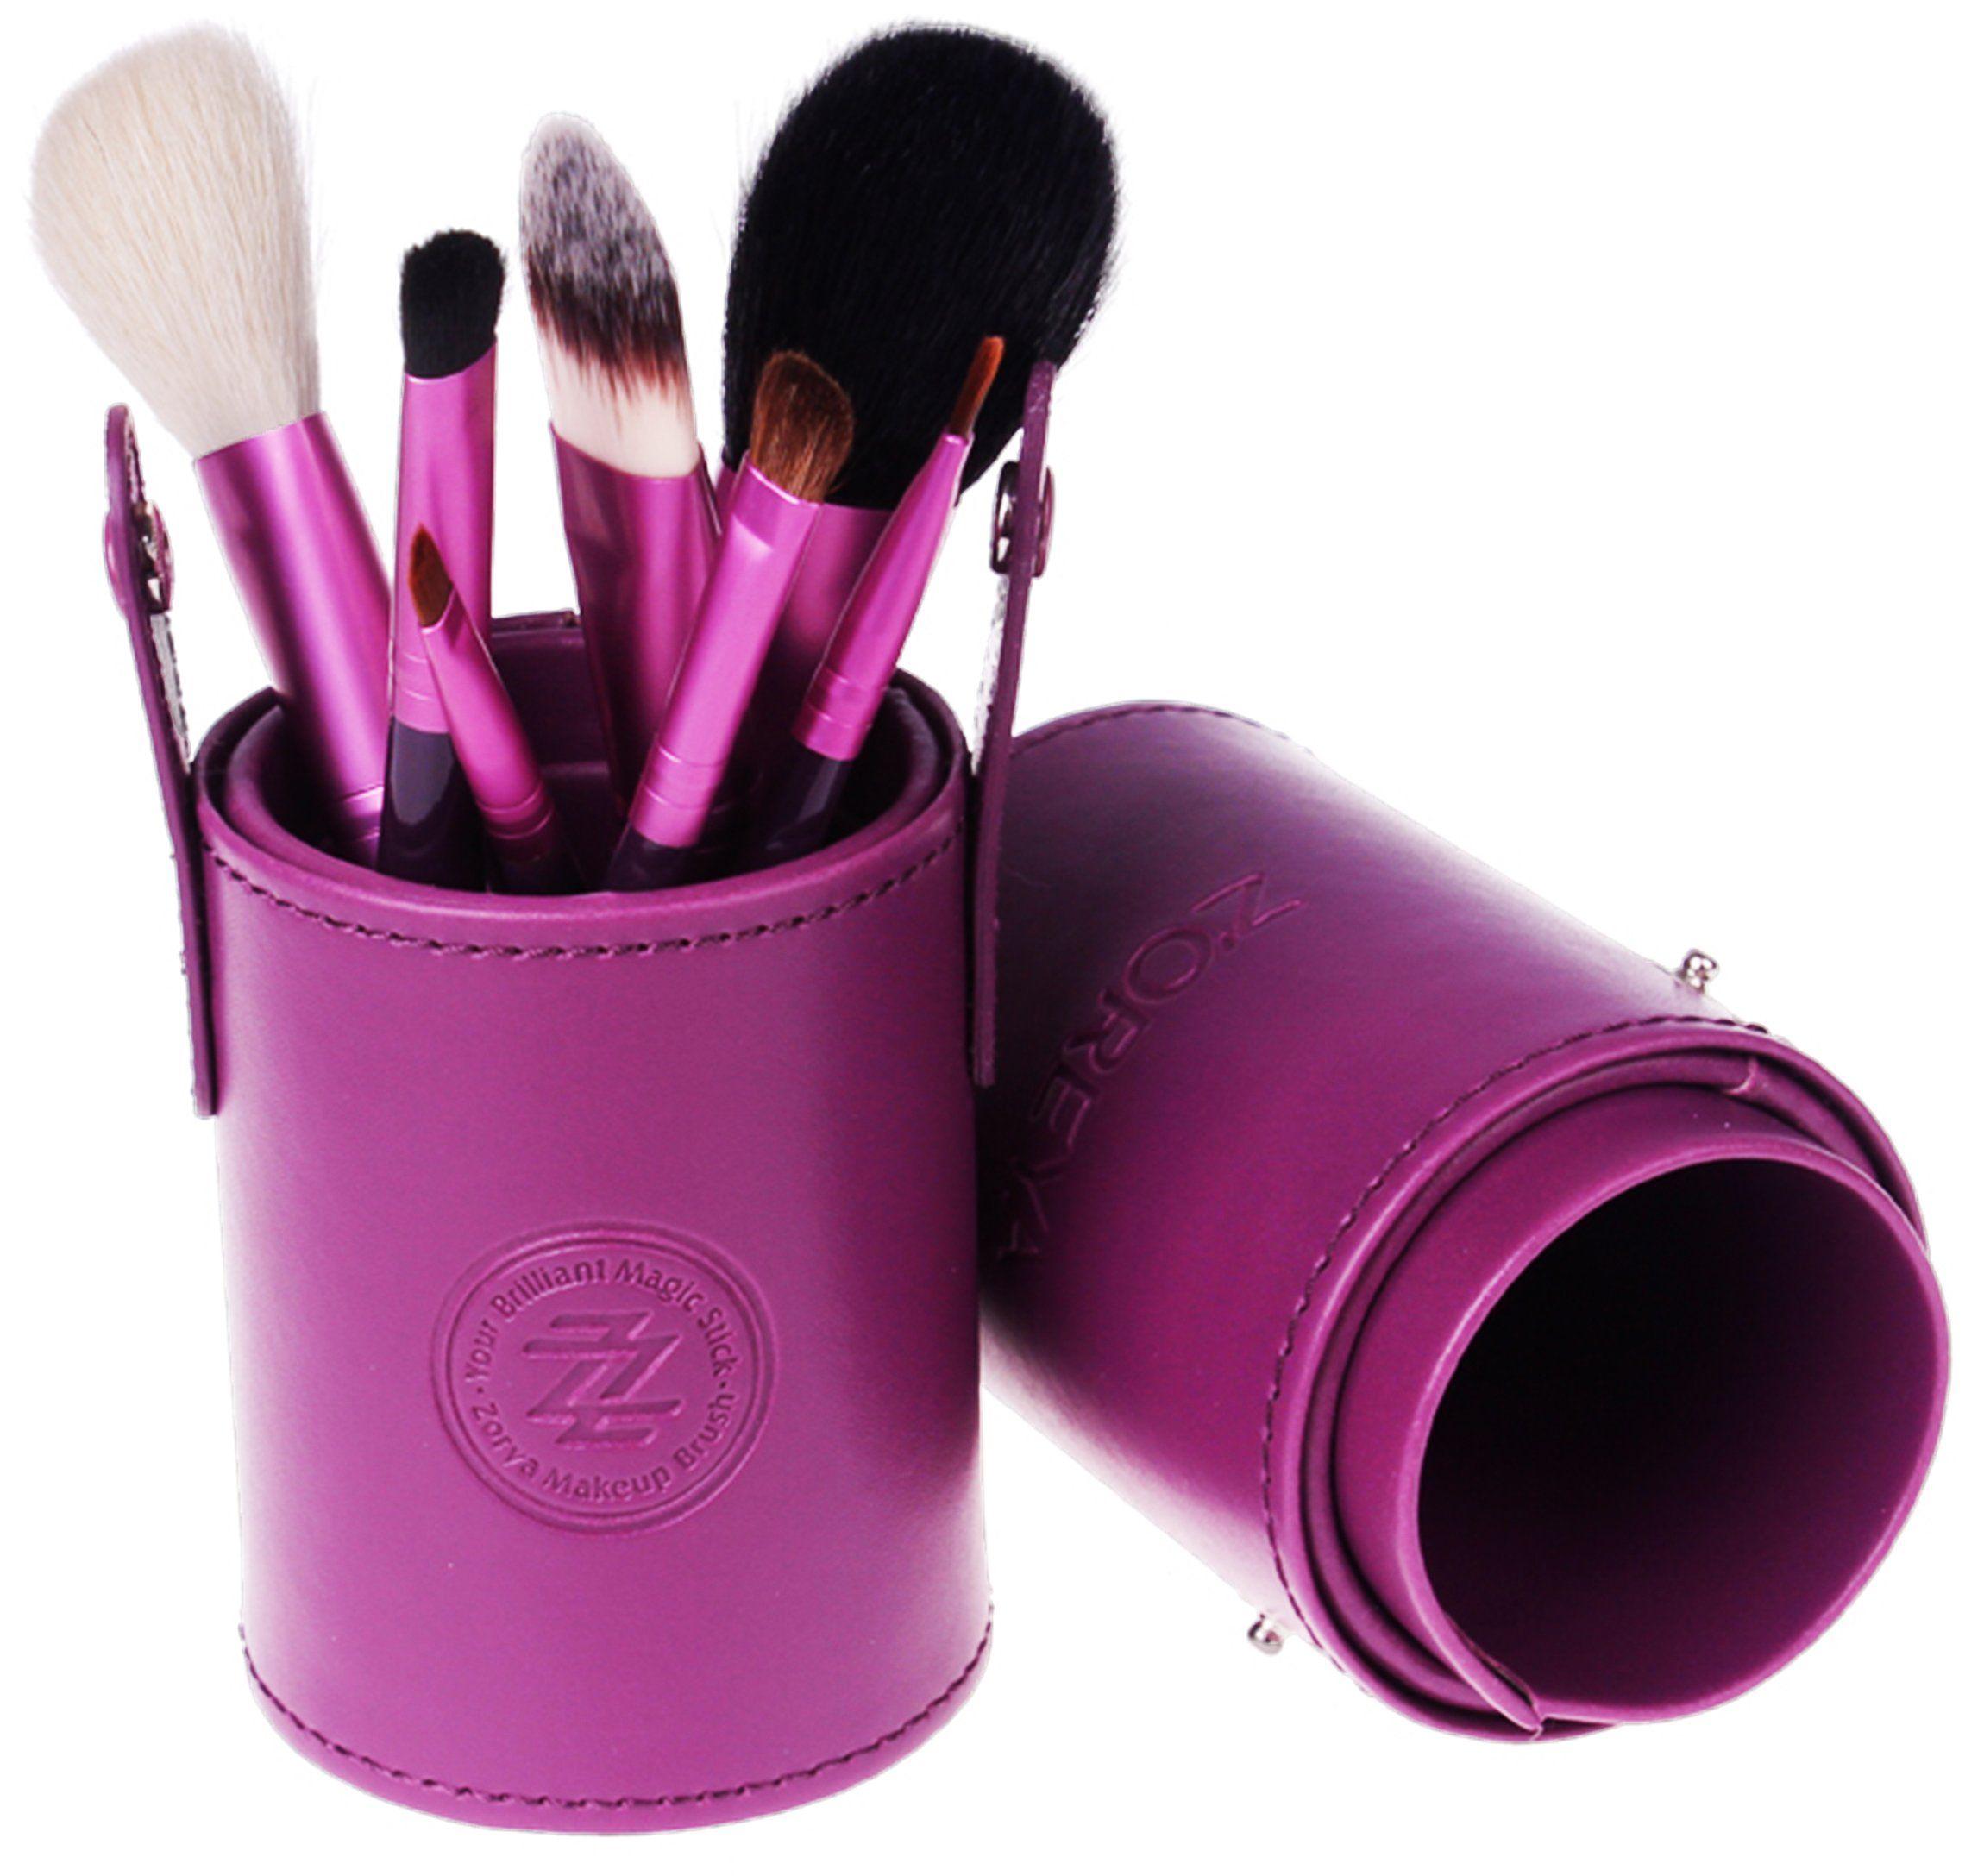 ZOREYA Makeup Brush Set 7 Professional Makeup Brushes With